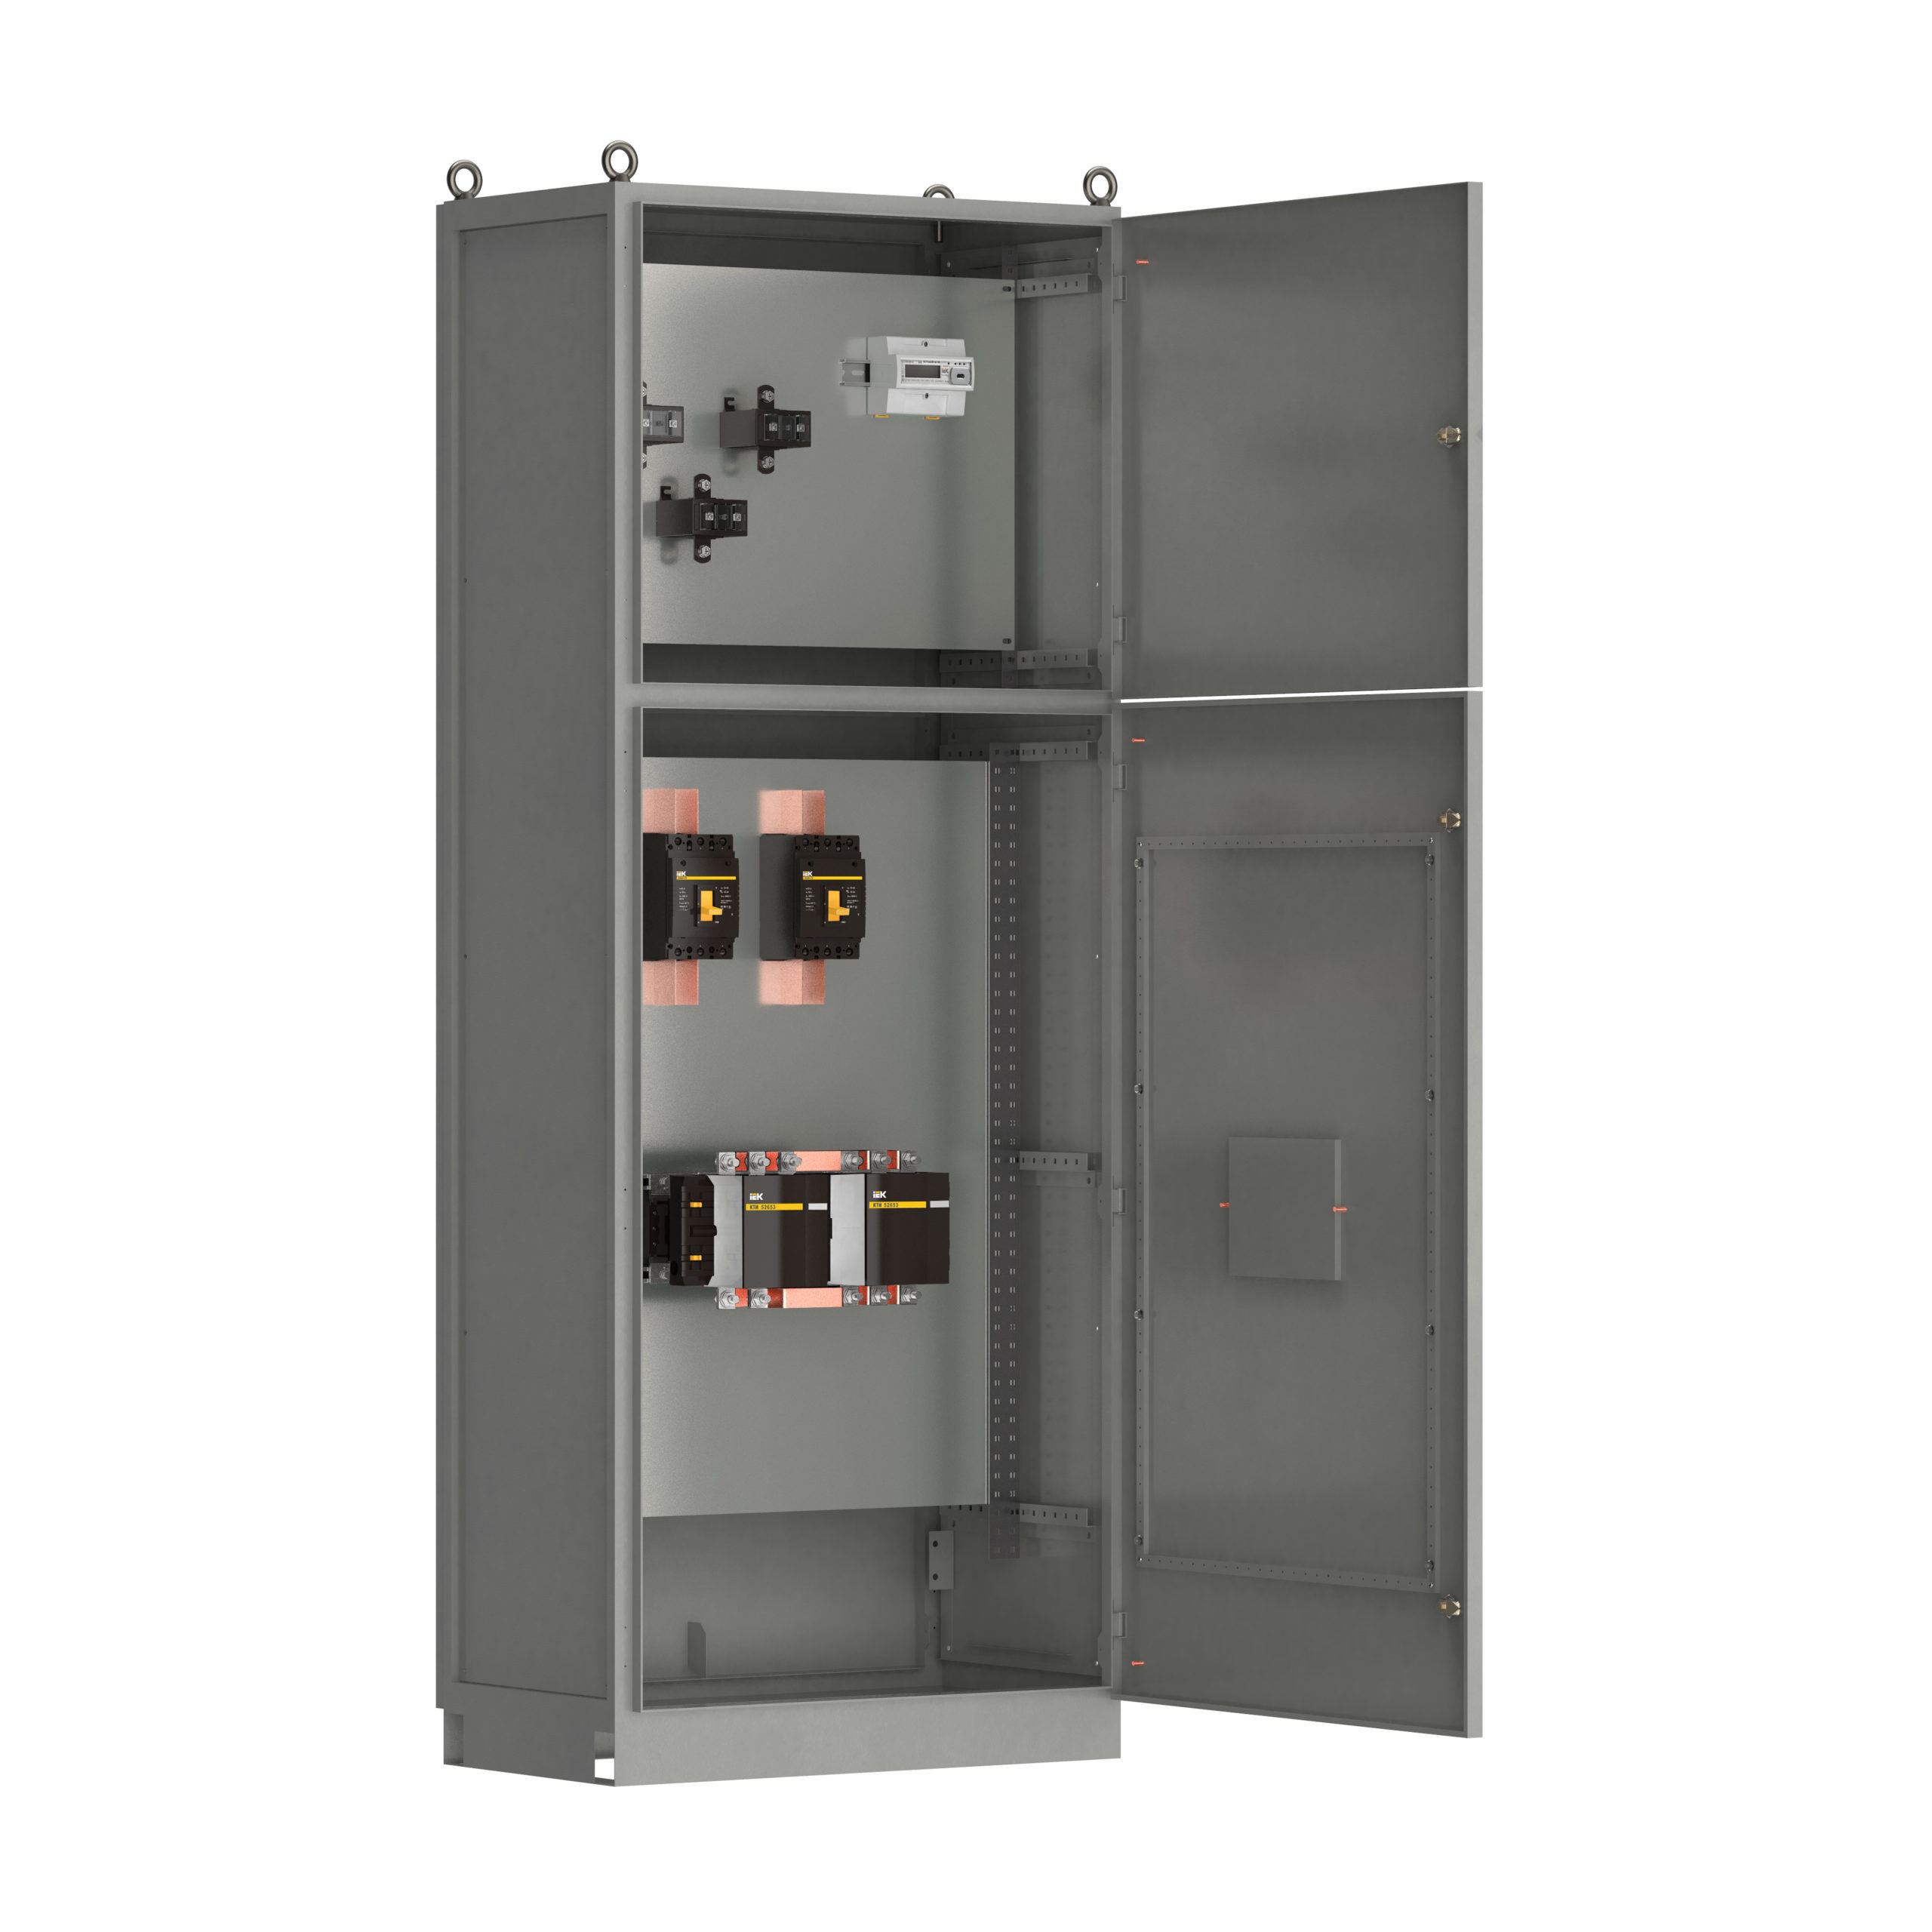 Панель вводная ВРУ-8503 МУ 2ВА-8-16-0-30 выключатели автоматические 3Р 2х160А контактор реверсивный 185А и учет IEK